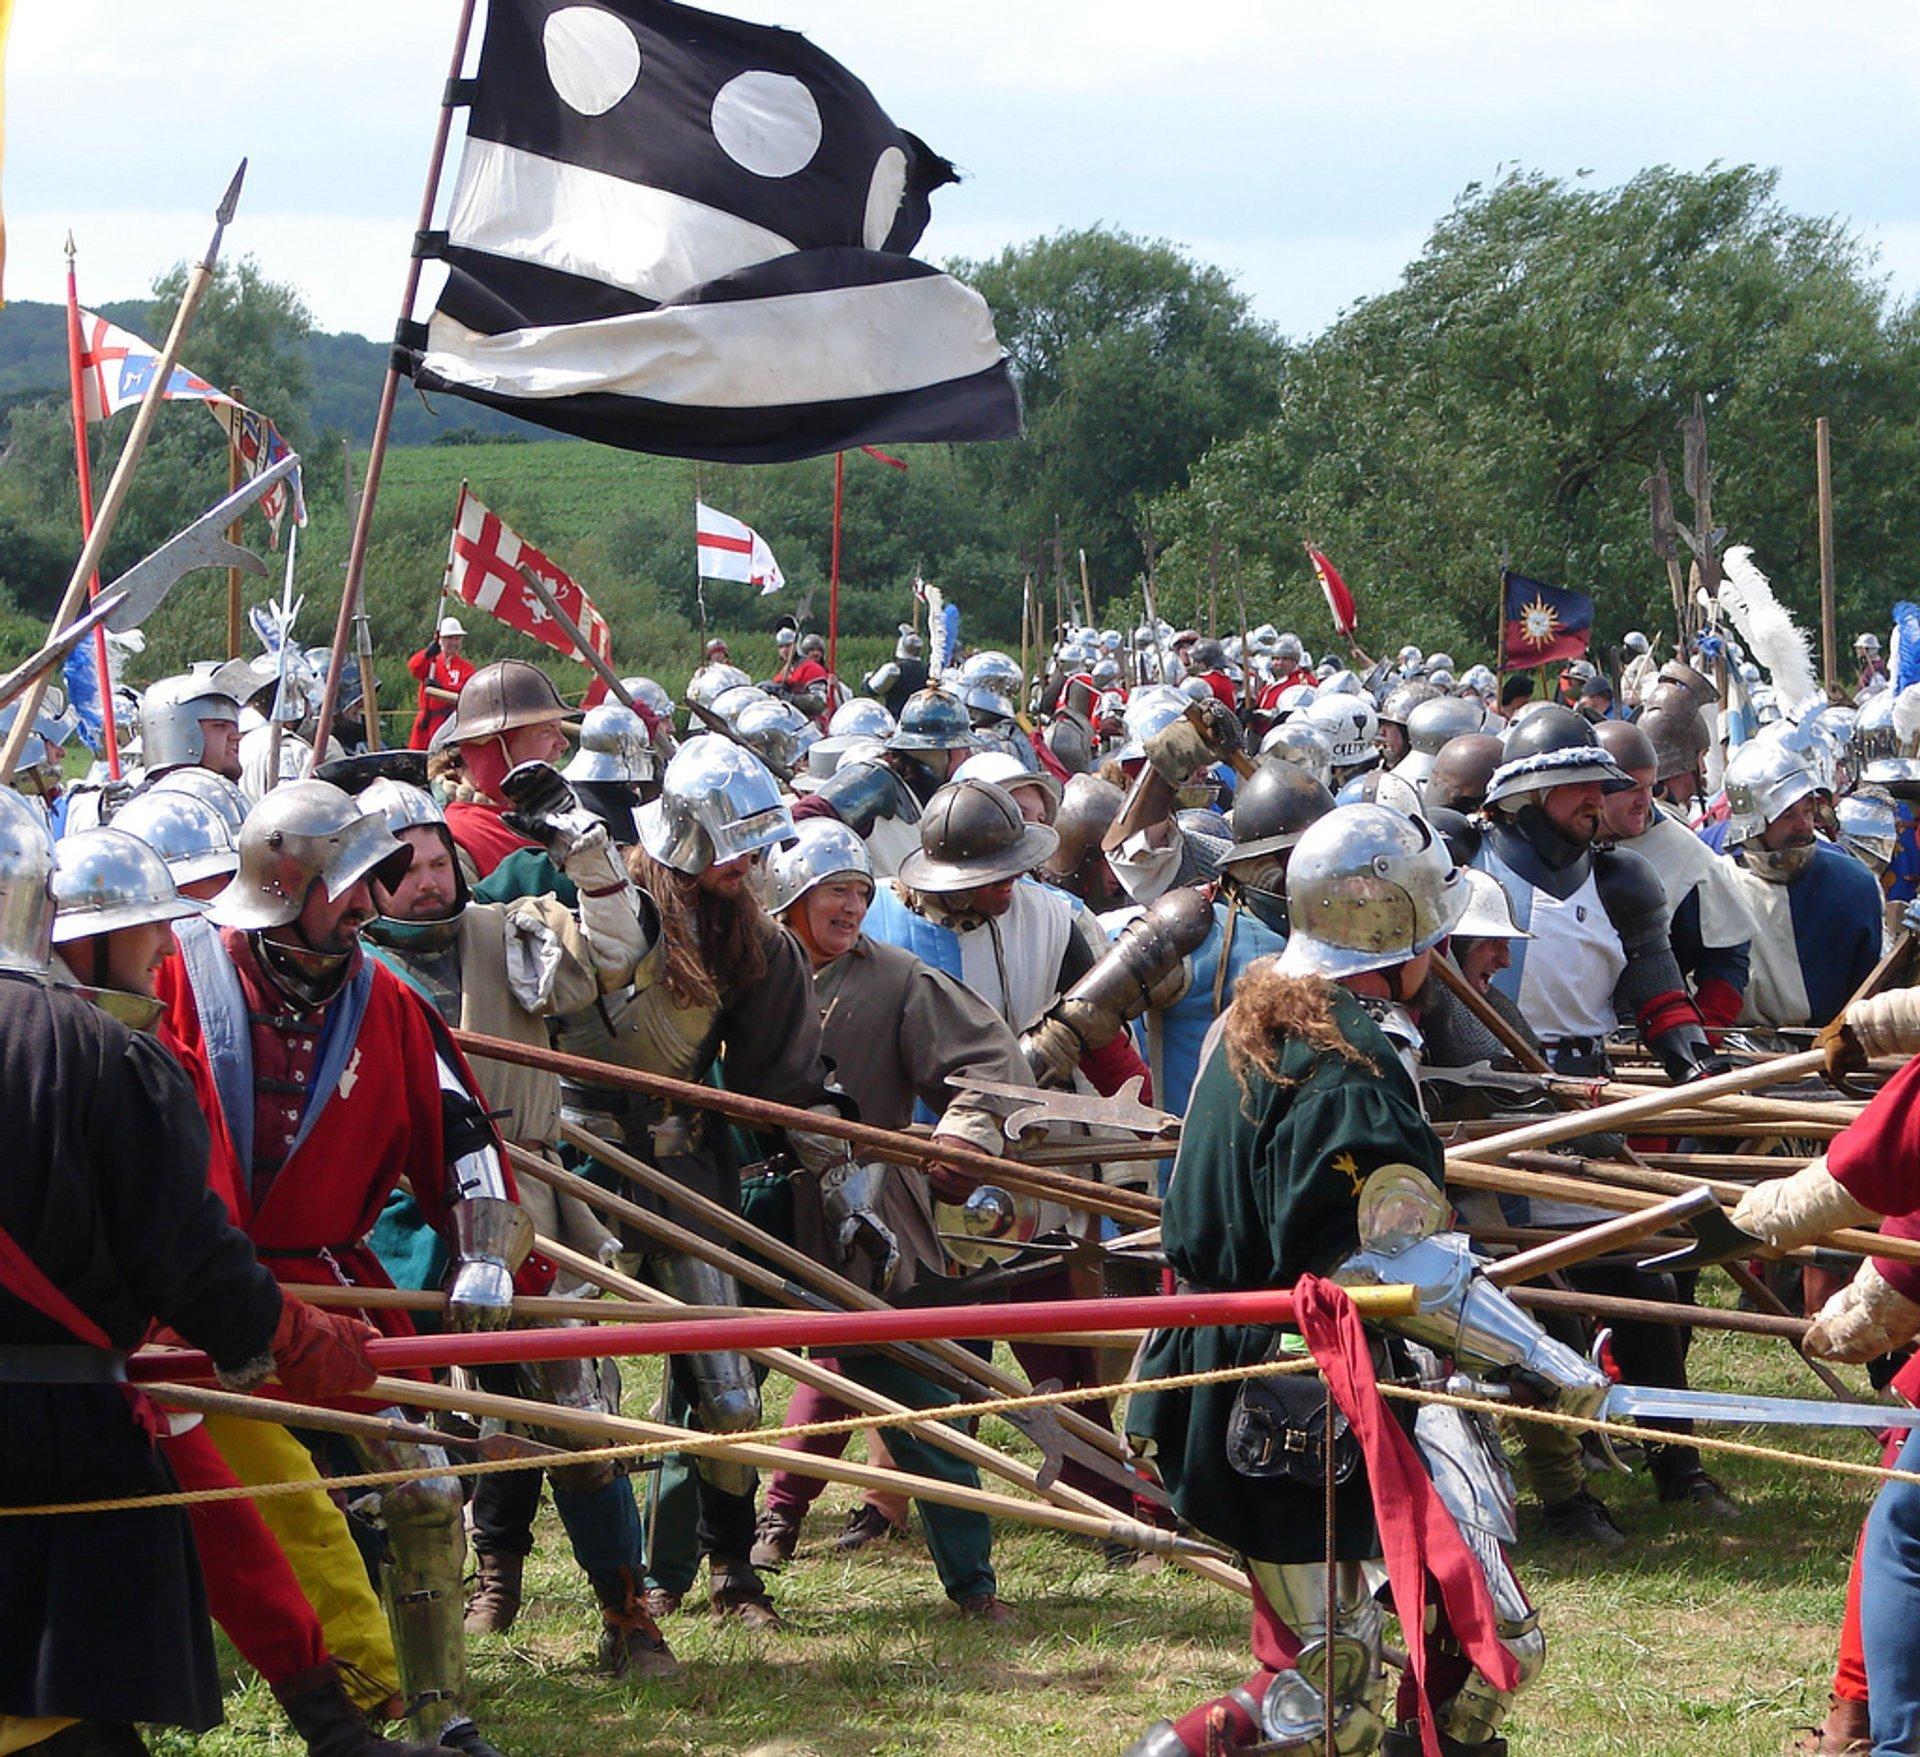 Tewkesbury Medieval Festival in England - Best Season 2019